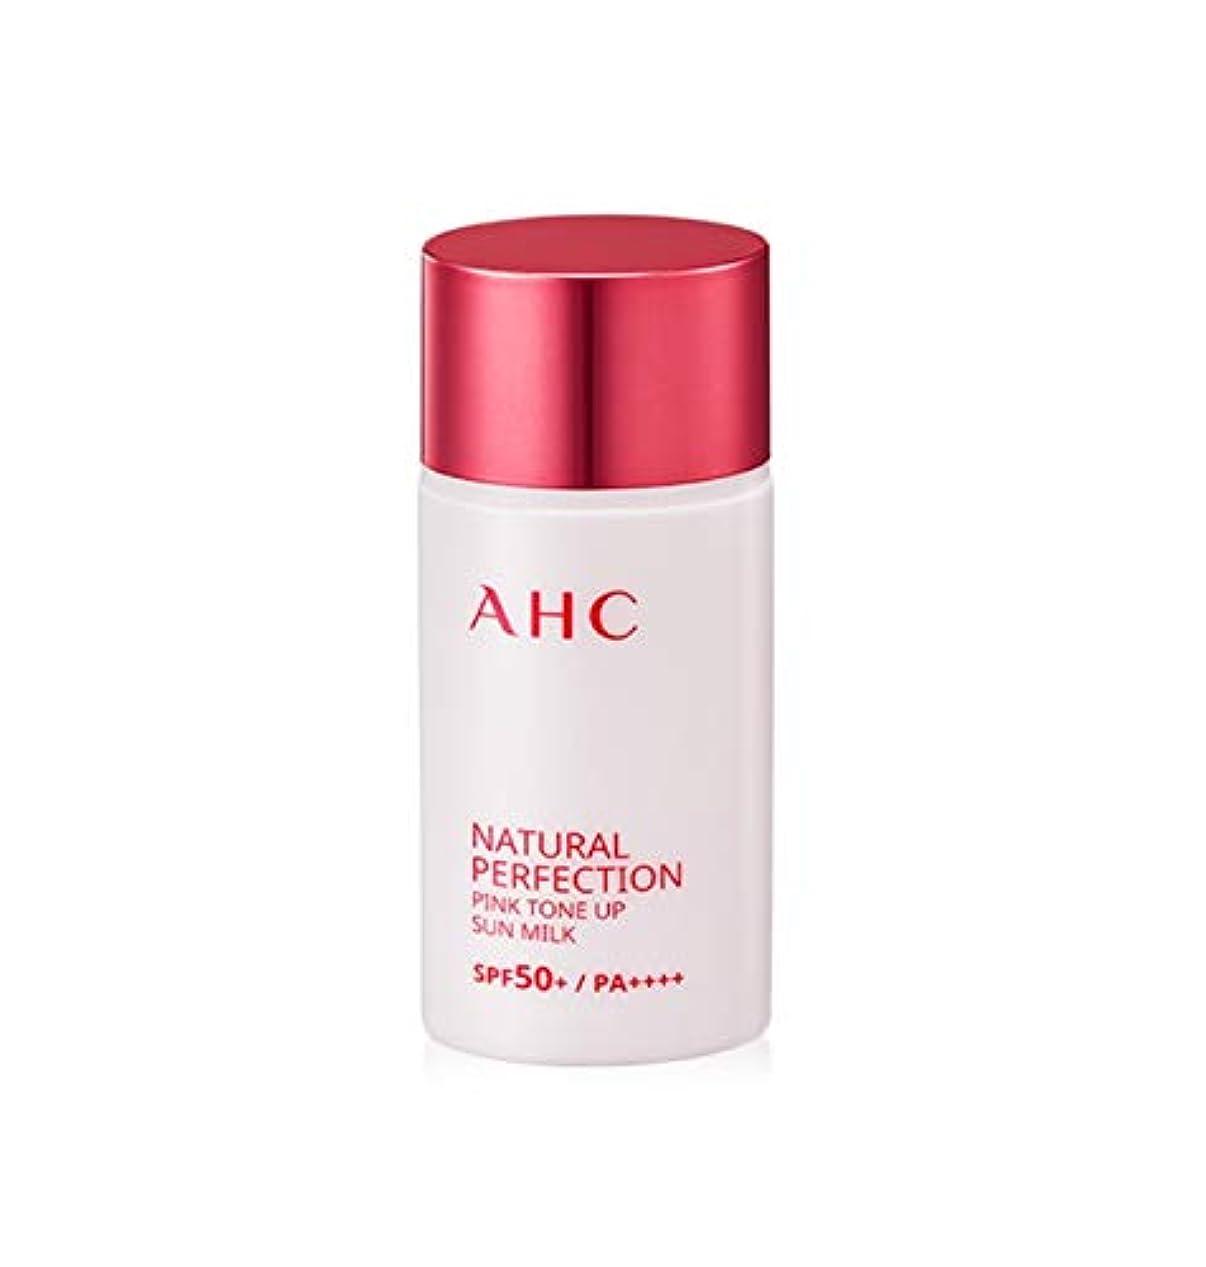 象ウミウシ解釈的AHC ナチュラルパーフェクションピンクトンオプ線ミルク 40ml / AHC NATURAL PERFECTION PINK TONE UP SUN MILK 40ml [並行輸入品]